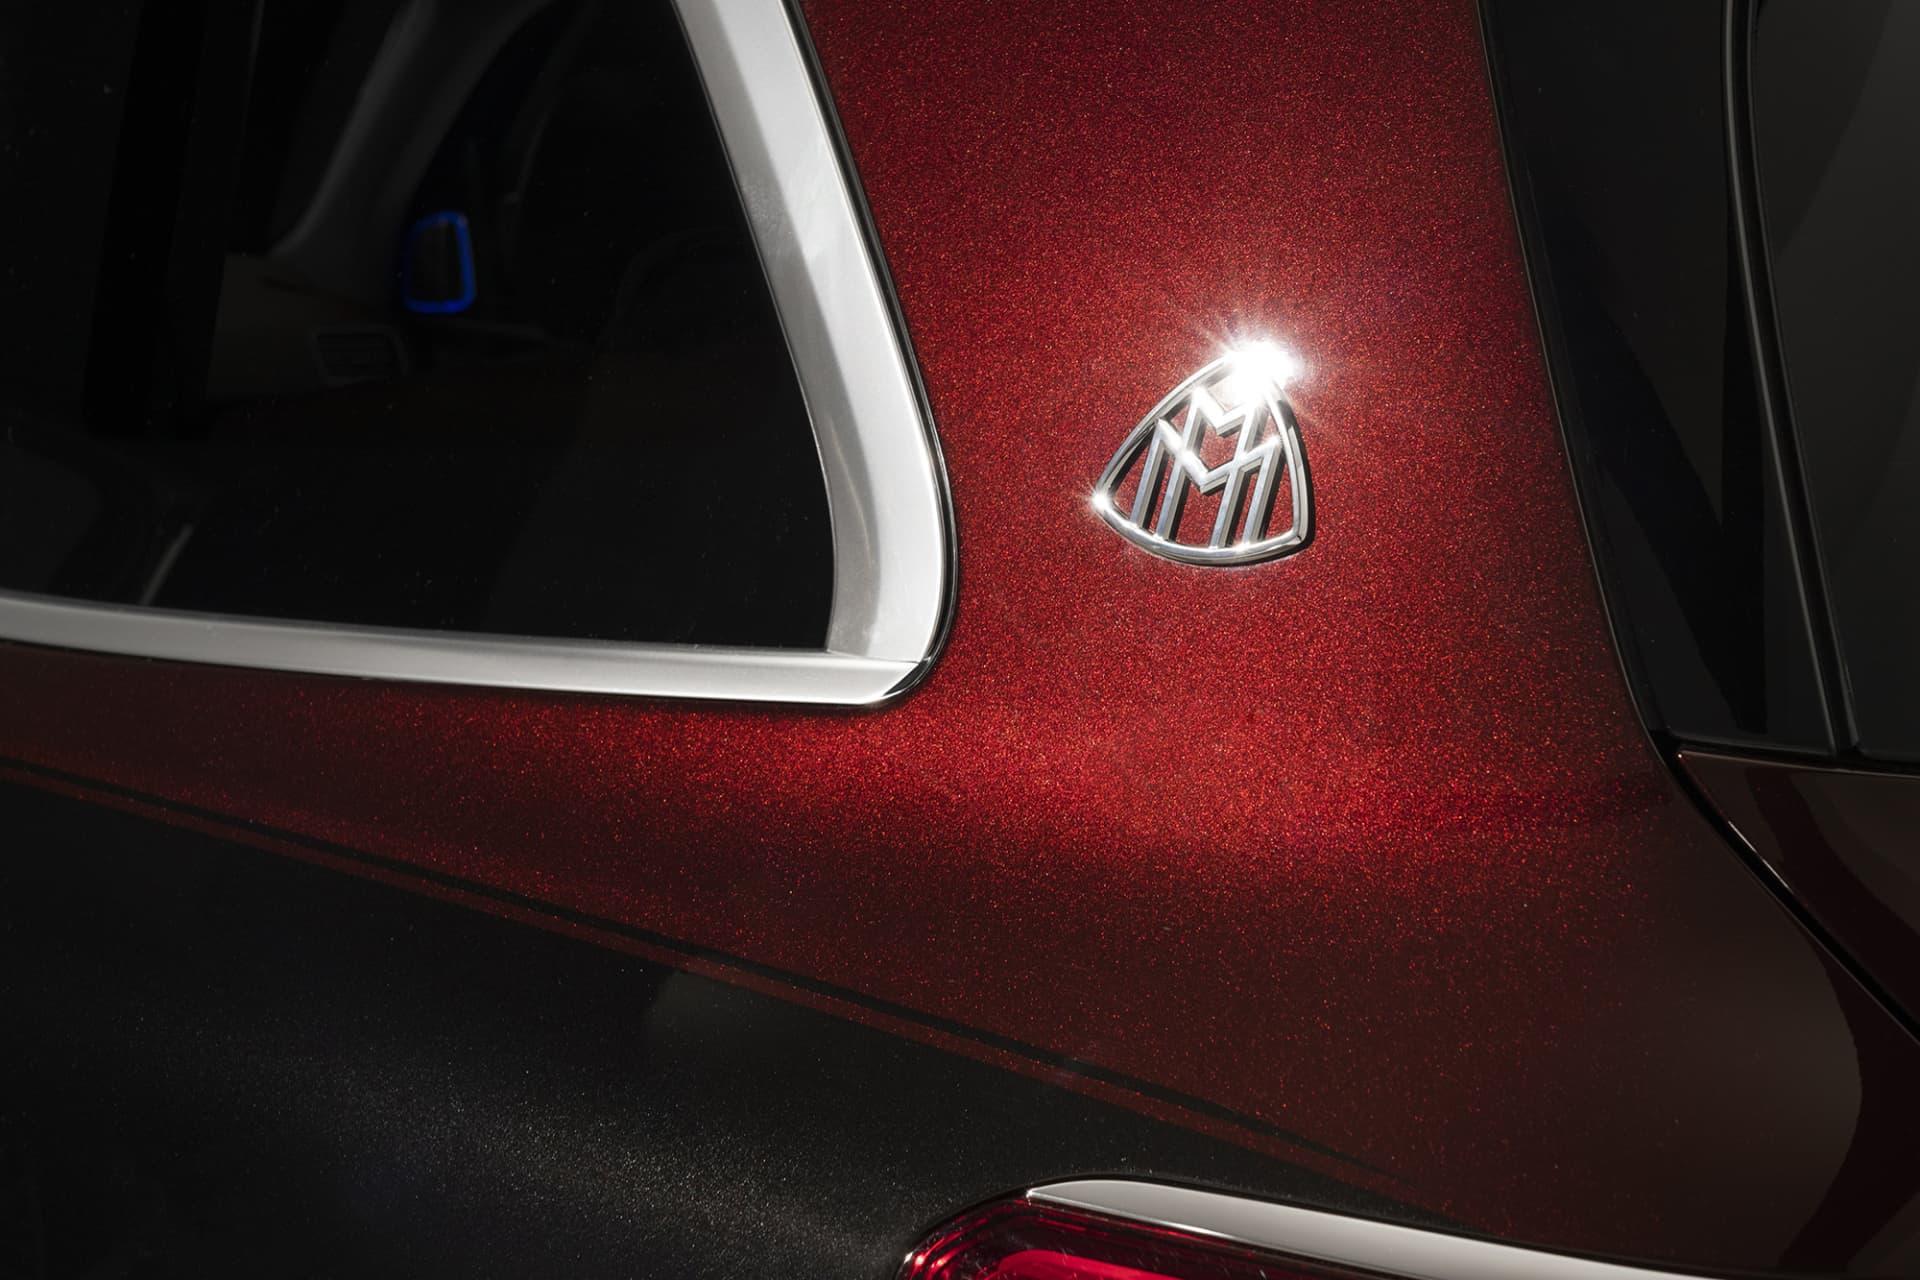 Det glänsande Maybach emblemet på d-stolpen var tvunget att göras större för Maybach GLS för att se proportionerligt ut. Här kan man även tydligt se tvåtonslacken med den tunna kritstrecksranden som skiljer lackerna åt.Mycket arbete har lagts på att utforma fronten på Maybach GLS, det ska synas tydligt vad det är för bil som närmar sig.